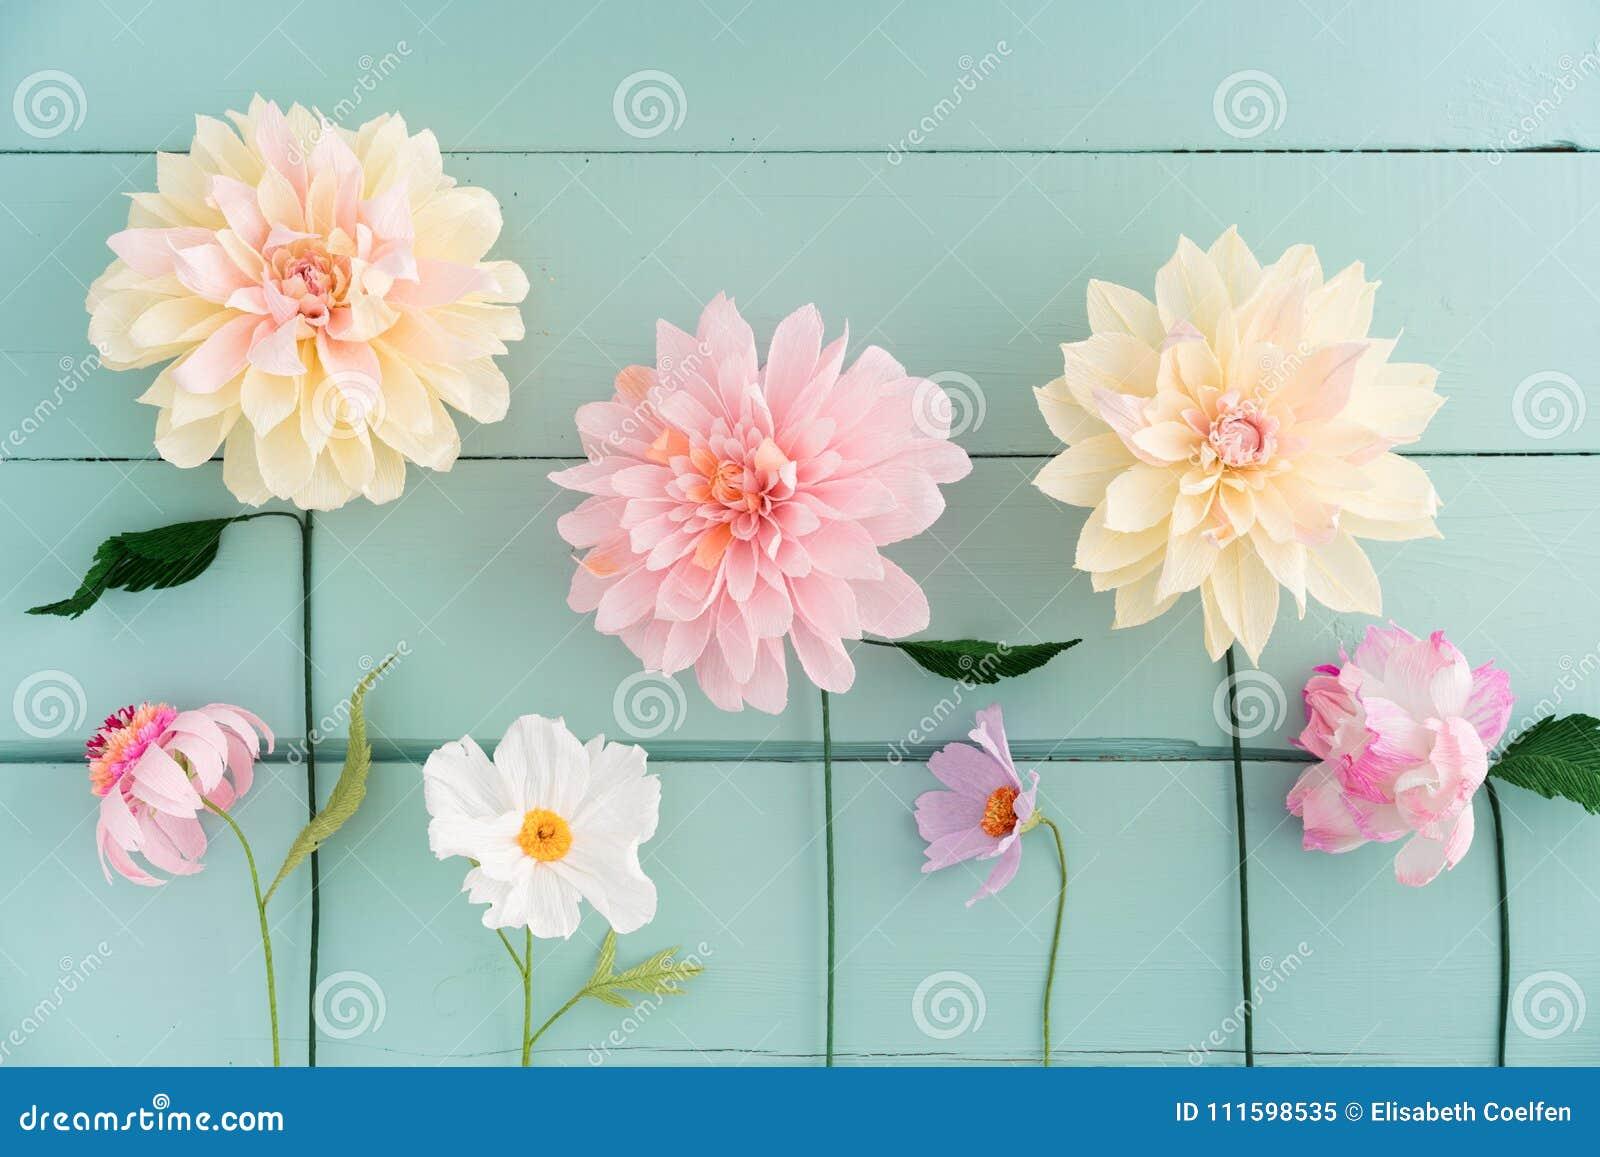 Papaveri Di Carta Crespa fiori di carta crespa immagine stock. immagine di creatività